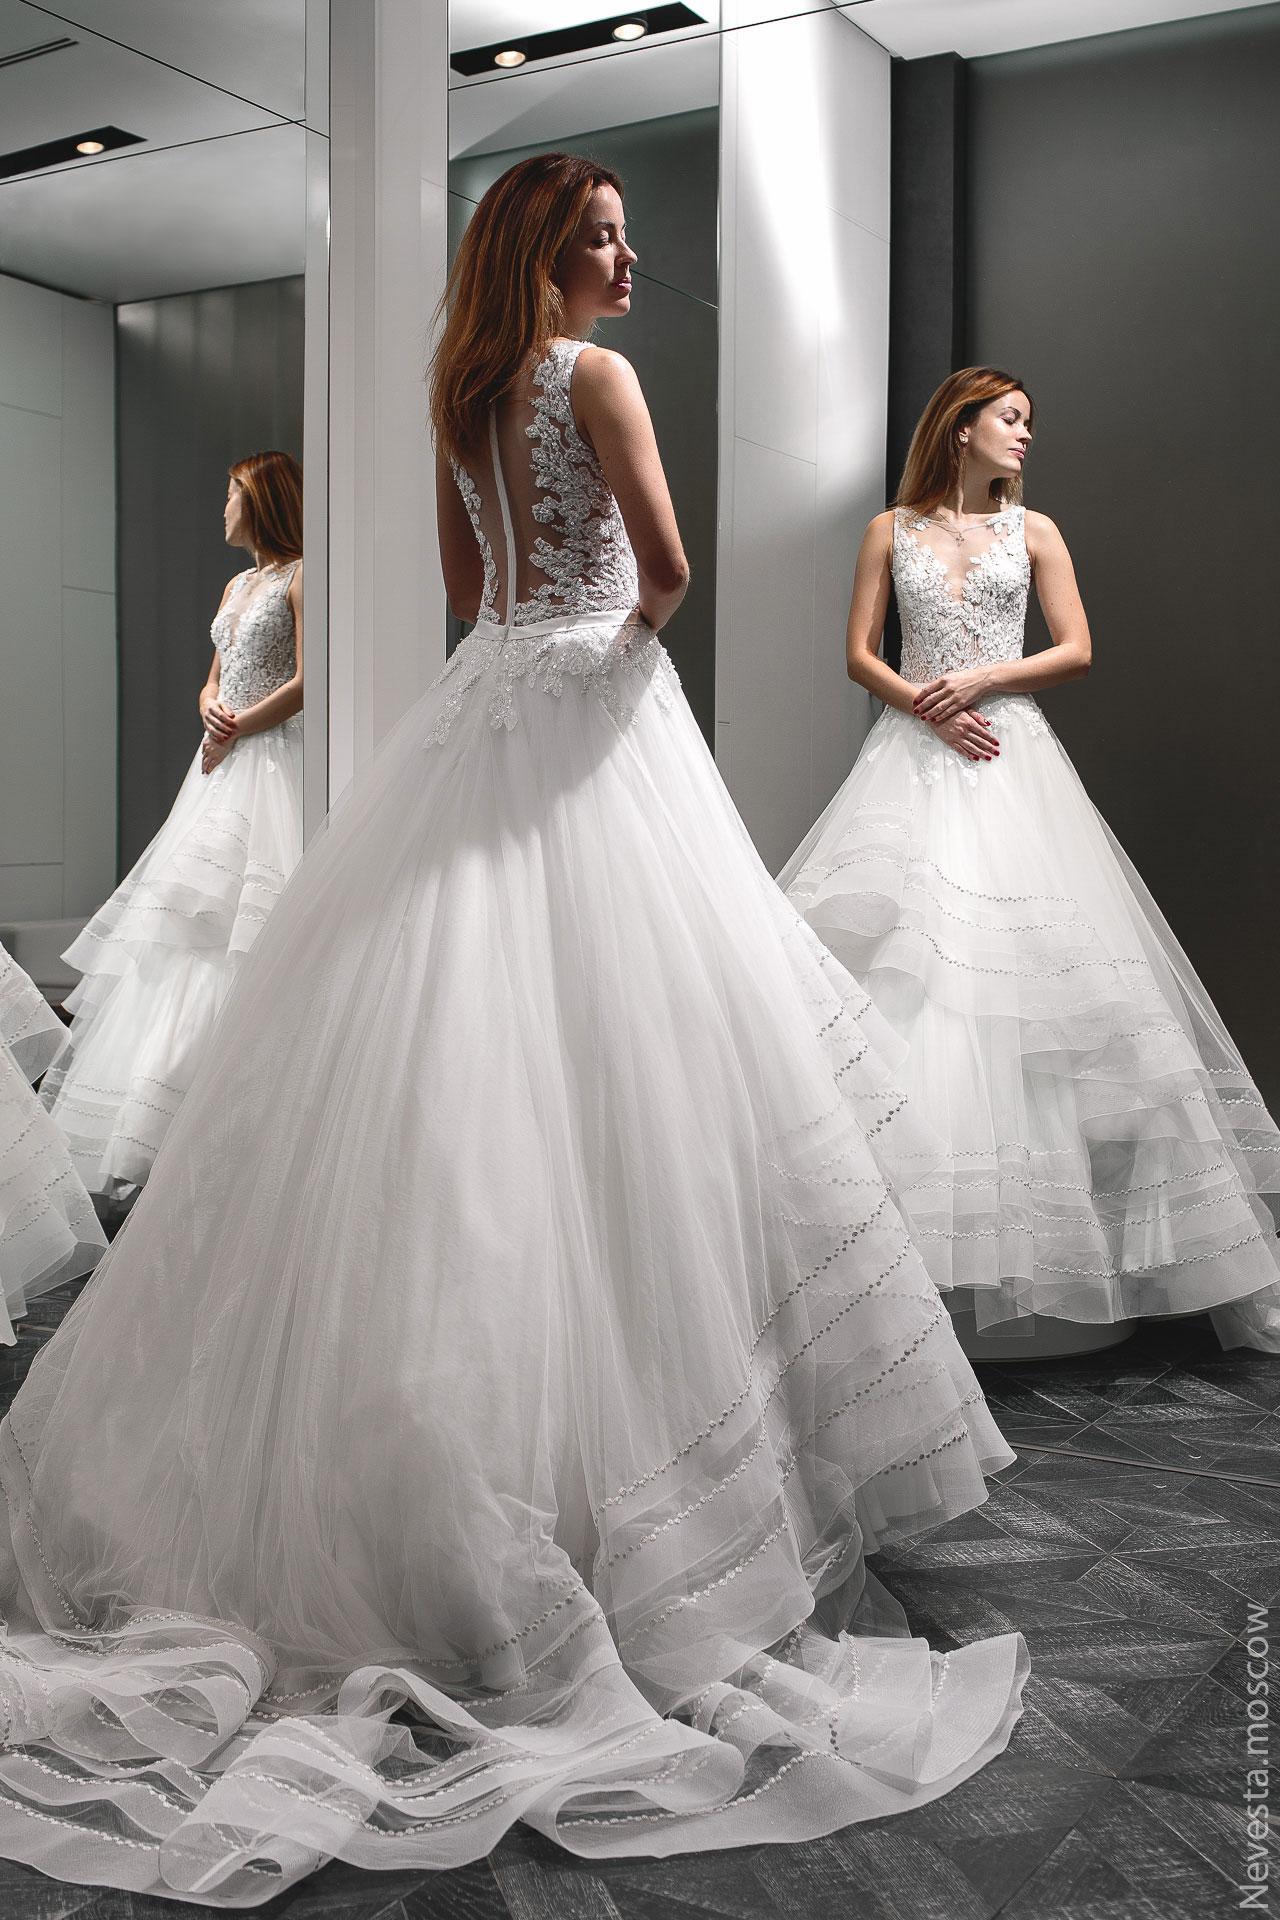 Актриса Ольга Зайцева примеряет свадебное платье фото 2